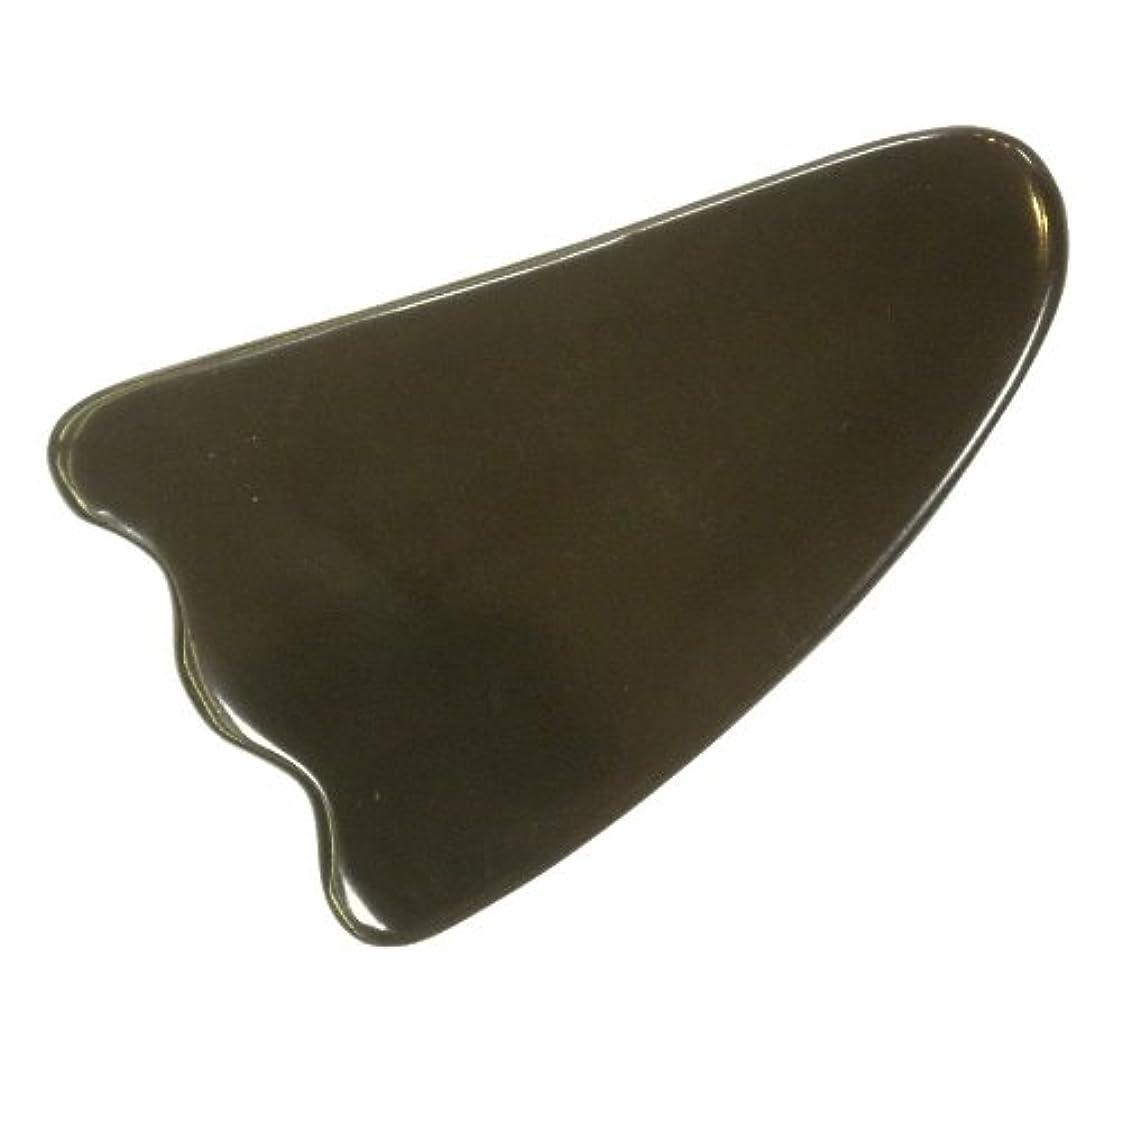 バラバラにする写真前書きかっさ プレート 厚さが選べる 水牛の角(黒水牛角) EHE213SP 羽根型 特級品 厚め(7ミリ程度)